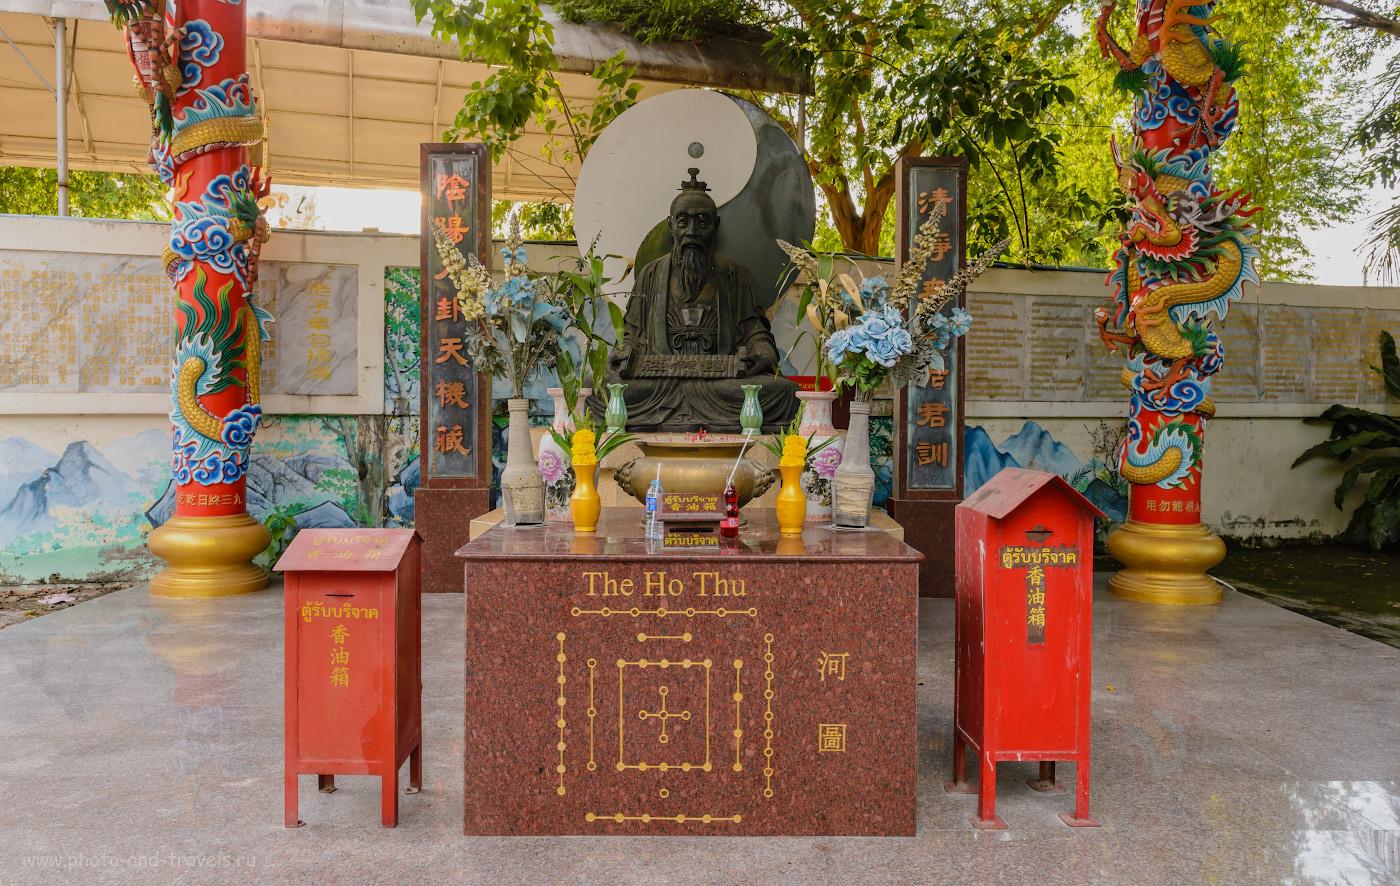 Фото 19. Какой-то китайский мудрец в парке Wang Sam Sien на холме Пратамнак в Паттайе. Отдыхая в Таиланде, можно познакомиться и с культурой соседнего государства. 1/60, -0.33, 8.0, 640, 27.